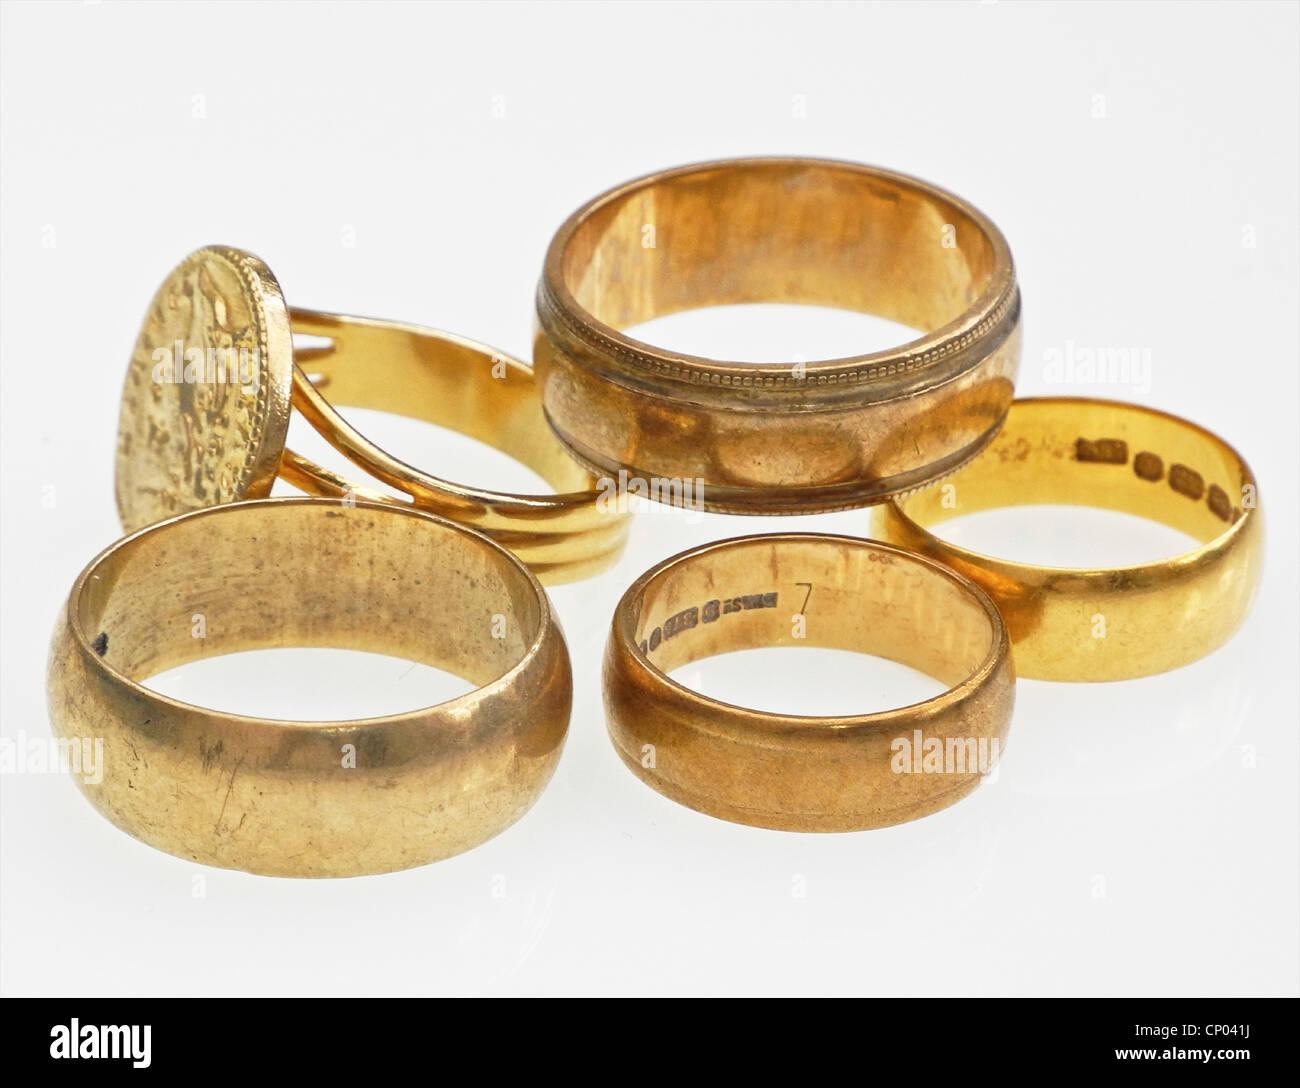 Cinque anelli in oro. I rottami in oro è elevati in ogni momento. Dagli archivi di stampa Ritratto Service Immagini Stock